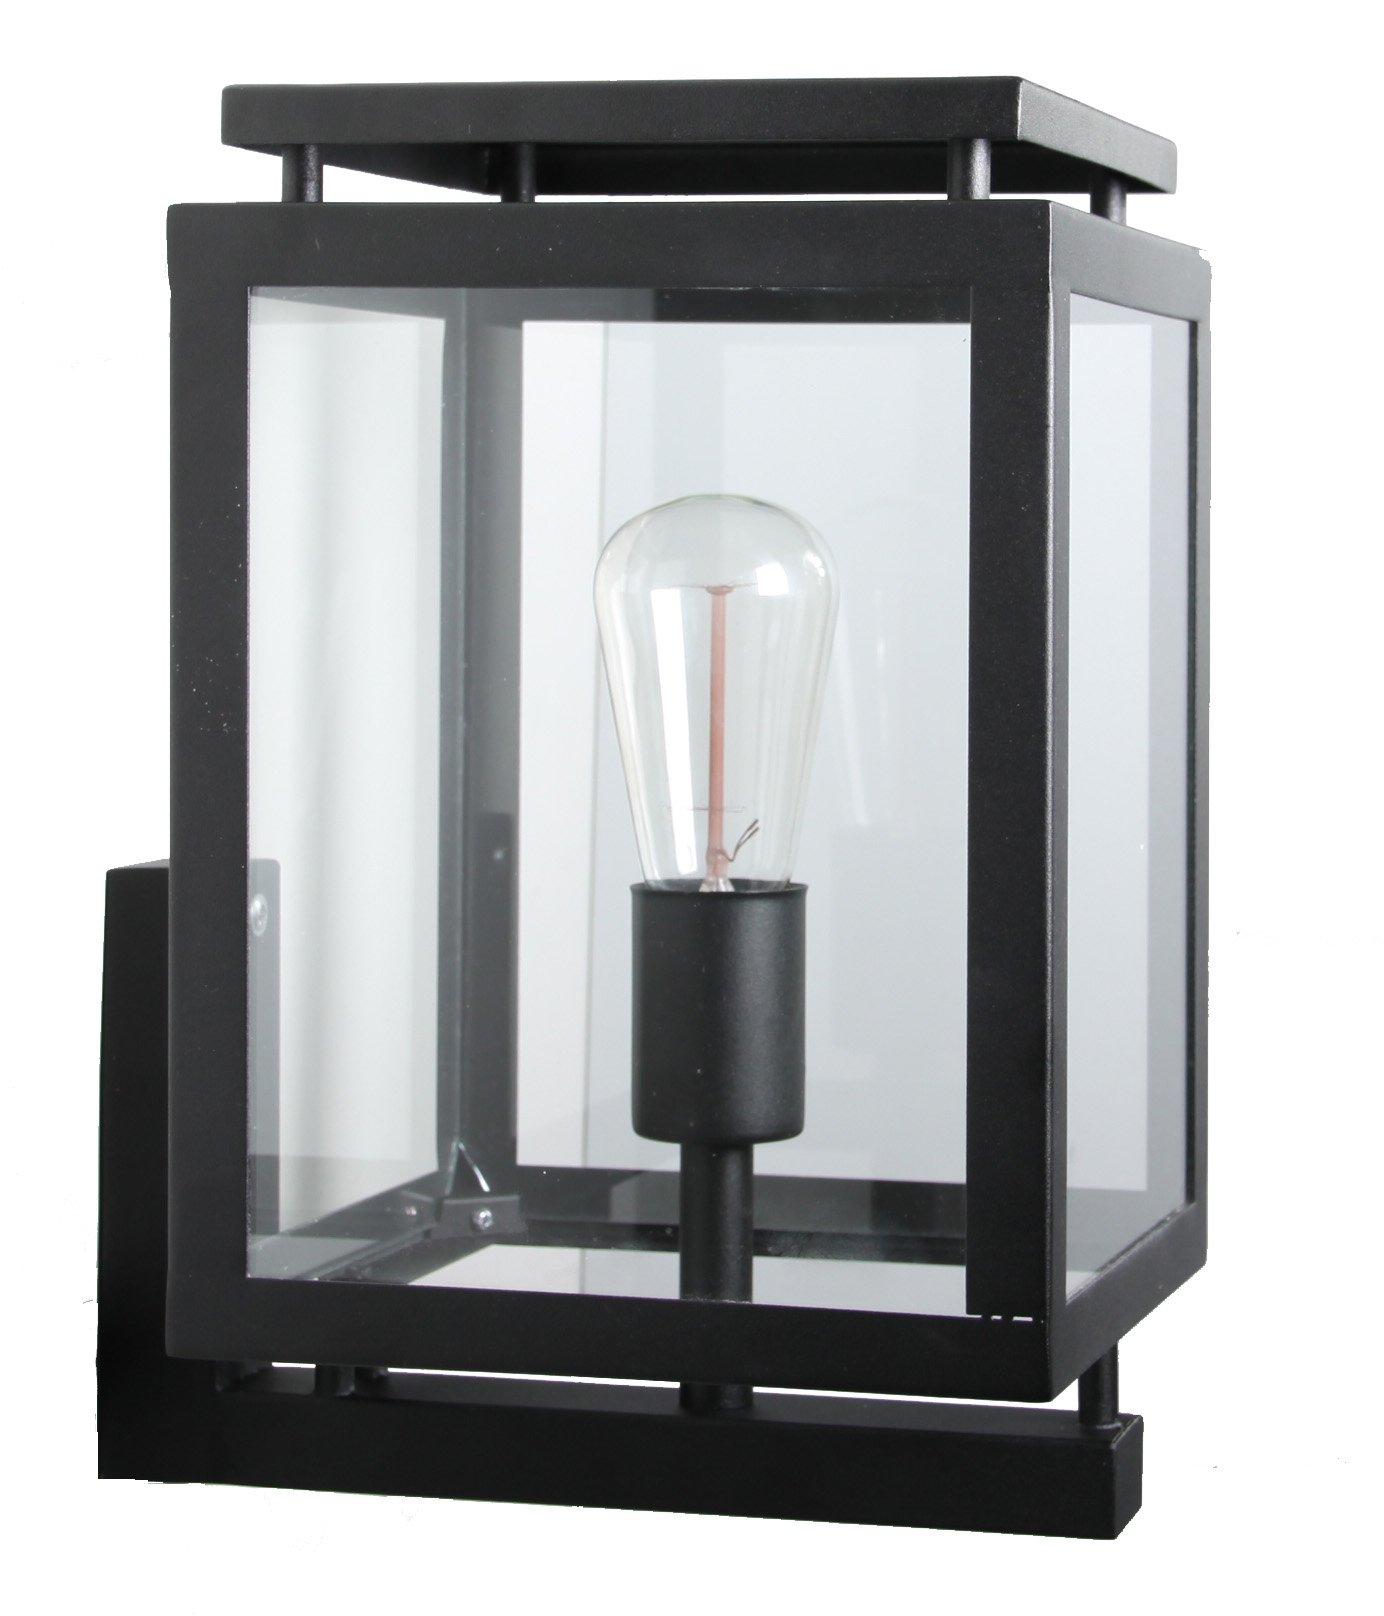 Buitenlamp De Vecht muur van KS Verlichting kopen | LampenTotaal